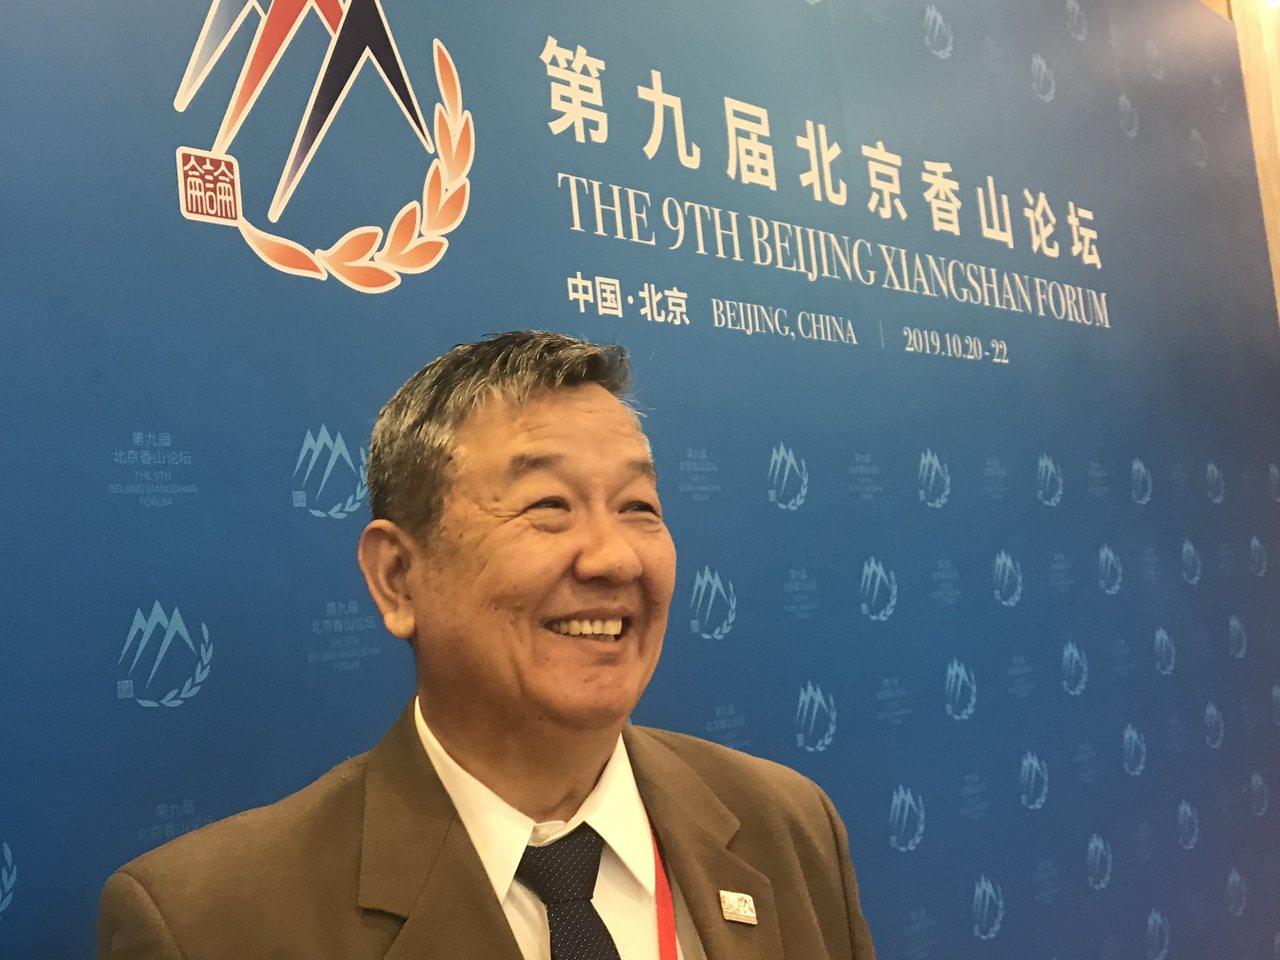 專研國際法的前台大法律系教授傅崐成,今出席北京香山論壇。特派記者陳言喬/攝影